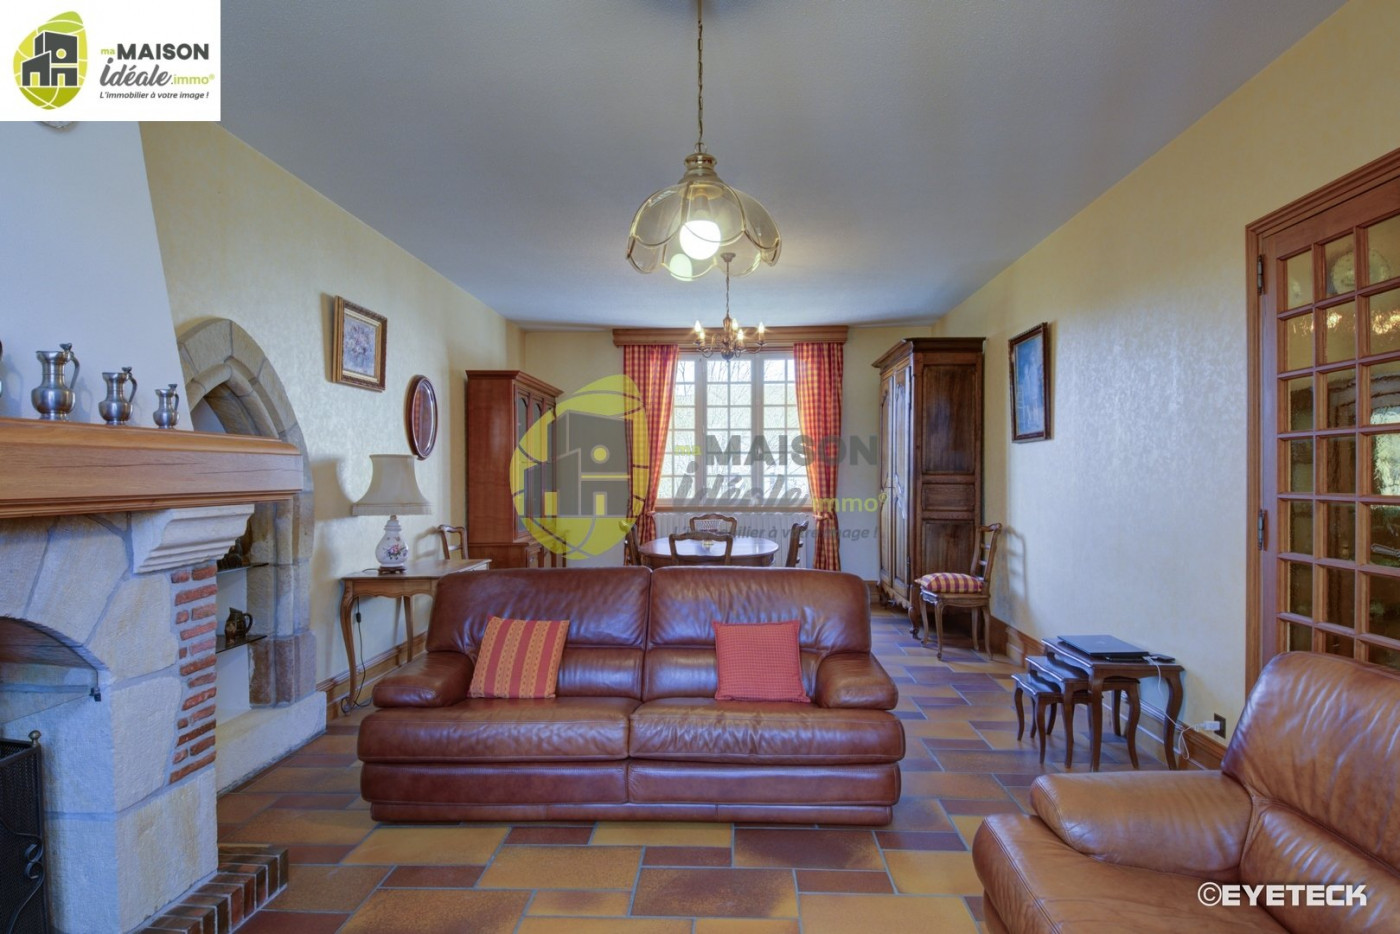 A vendre  Vierzon | Réf 36003945 - Ma maison ideale